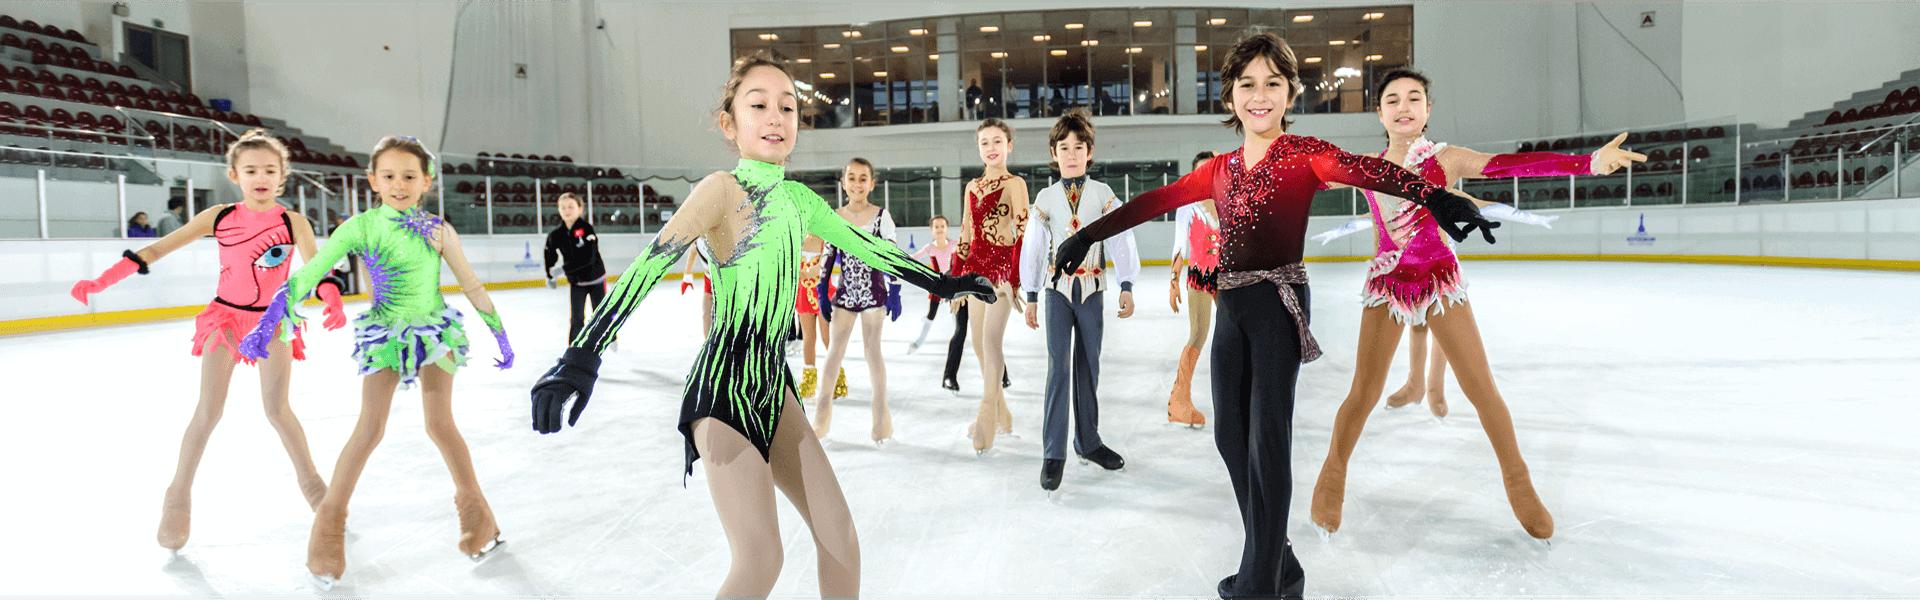 İzmir Buz Pisti,Aşık Veysel Buz Sporları salonu,Buz Sporları fotoğrafı